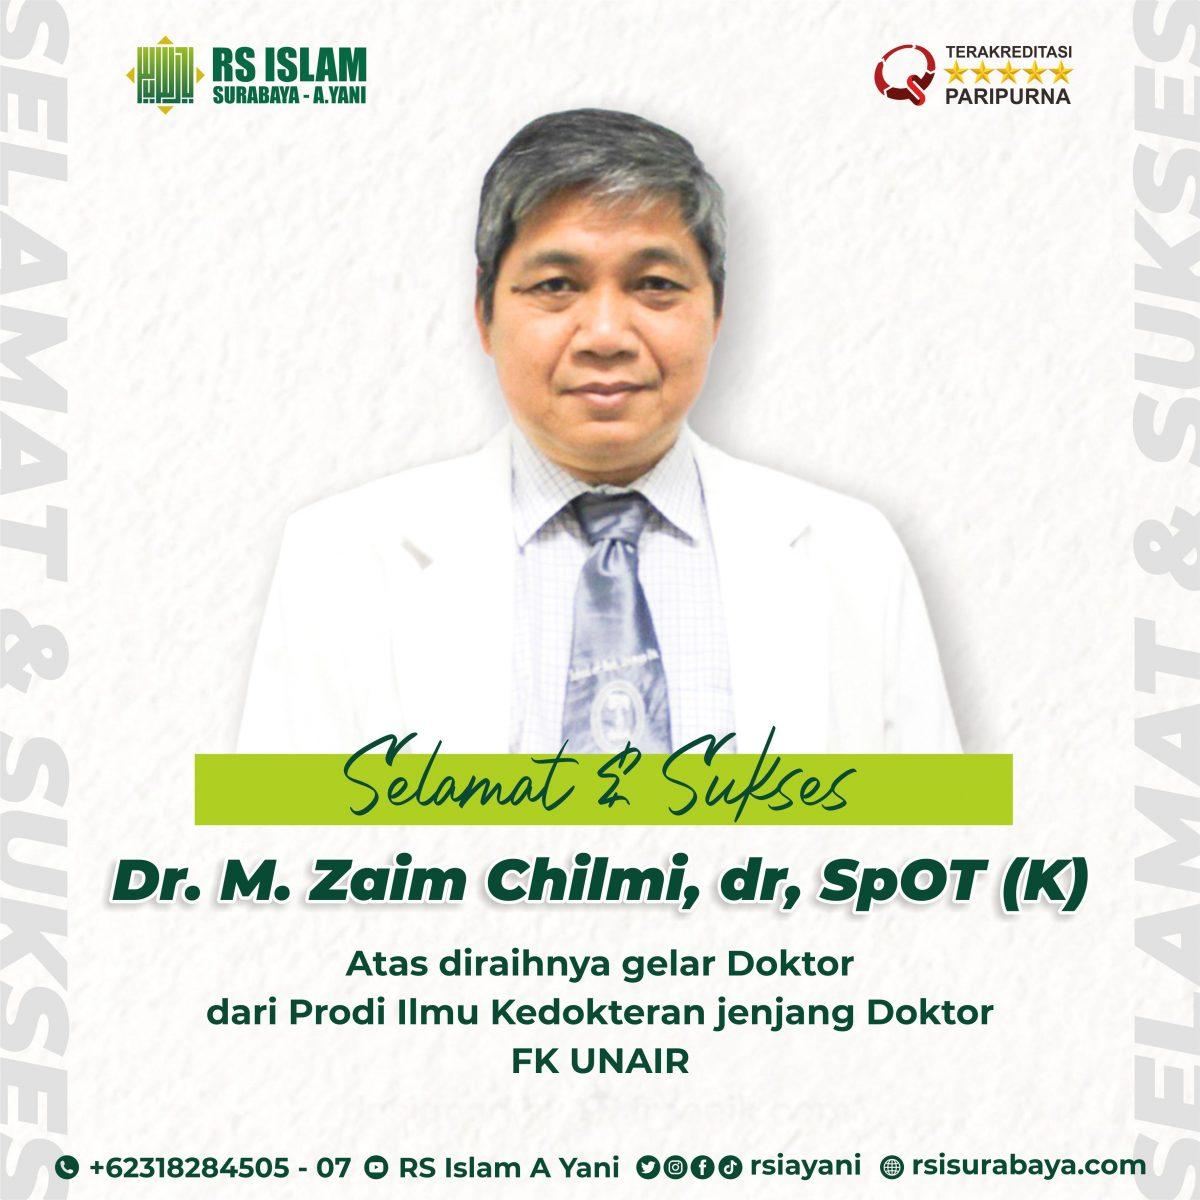 Dr.-M.-Zaim-Chilmi-dr-SpOT-K-1200x1200.jpg